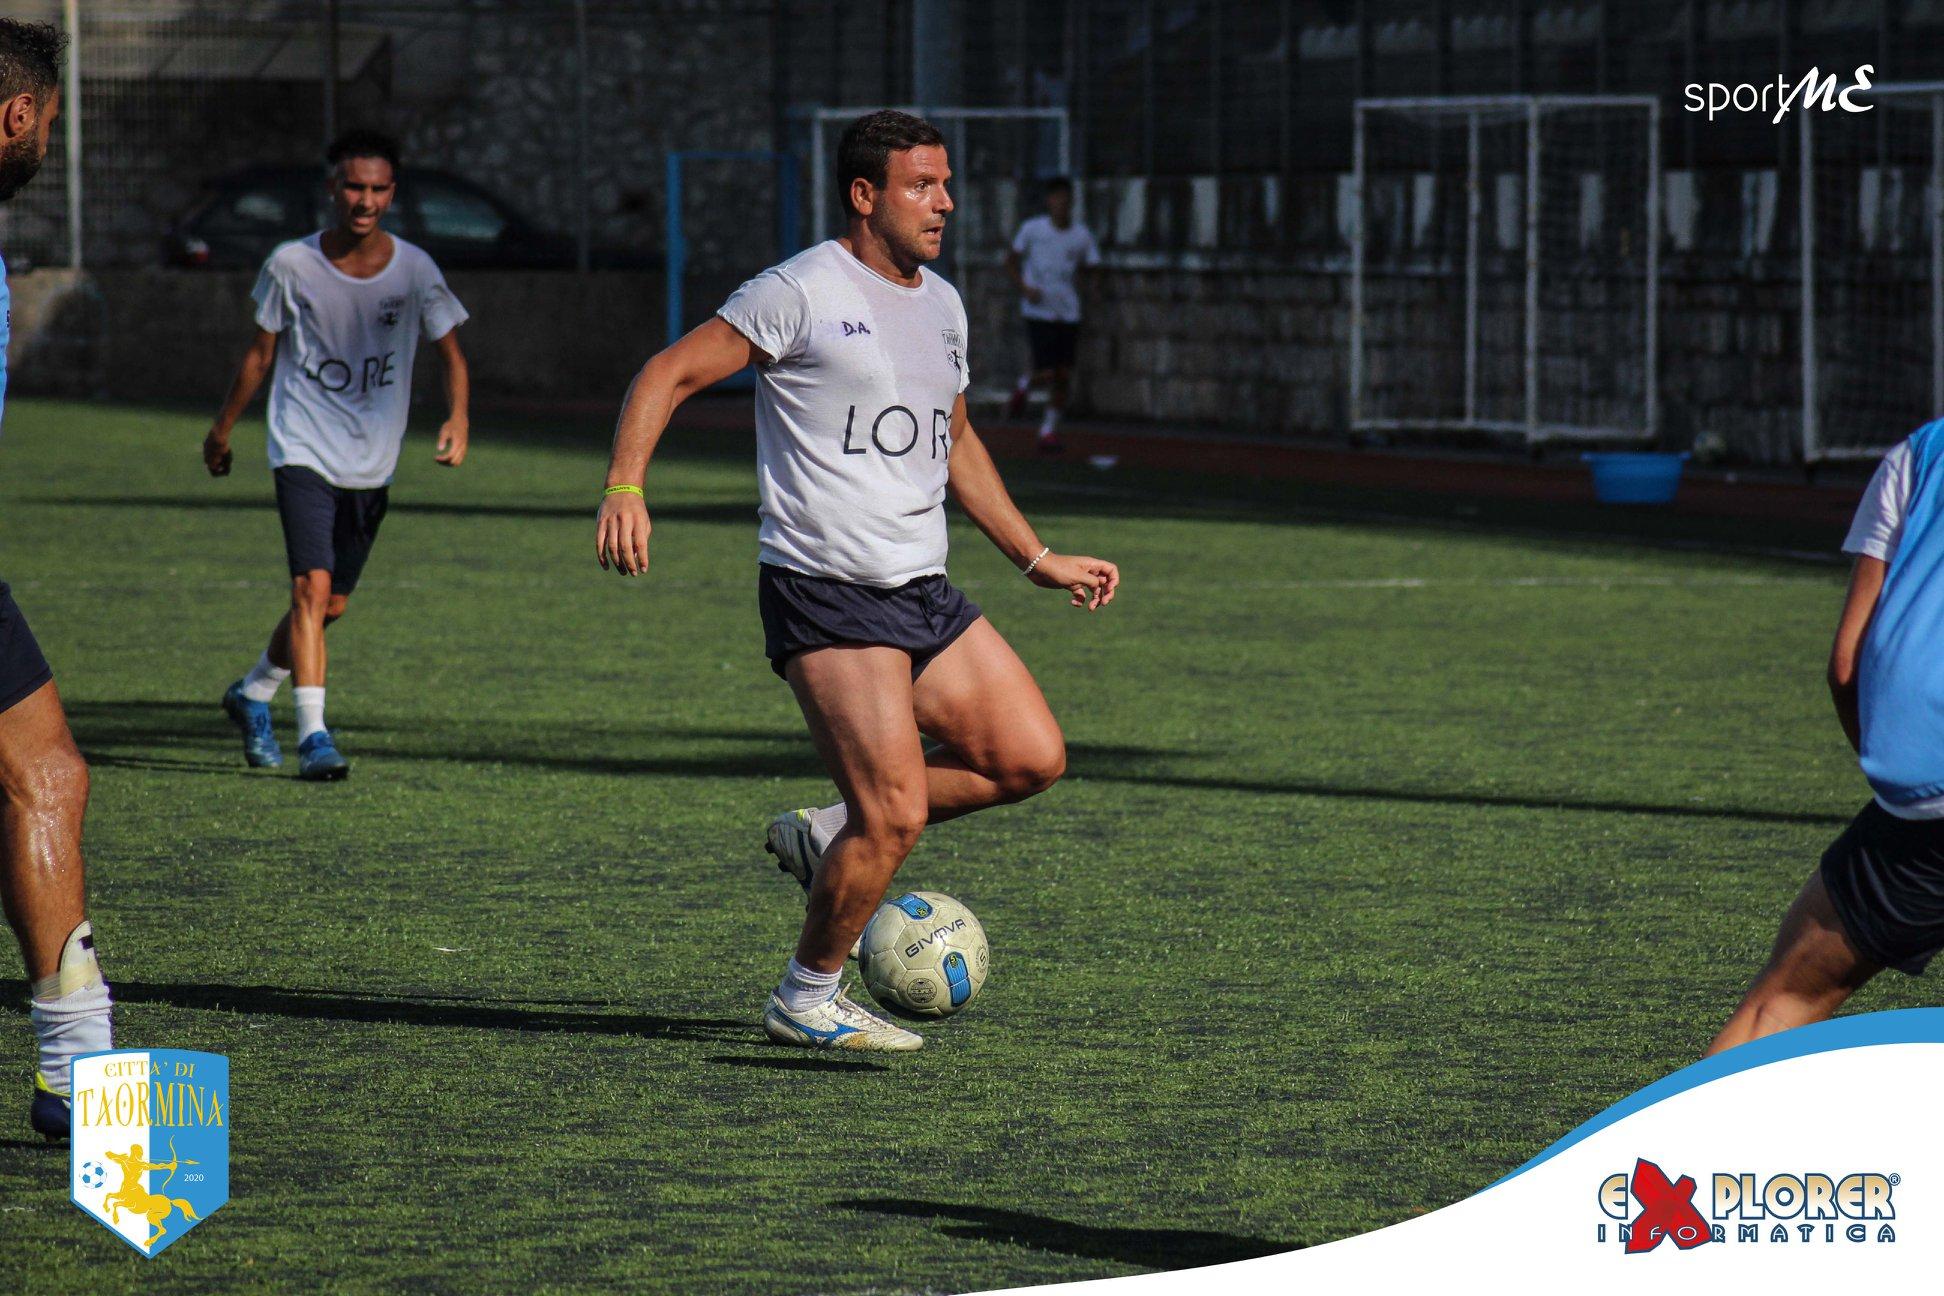 Il fantasista Arigò saluta (almeno per ora) il calcio giocato